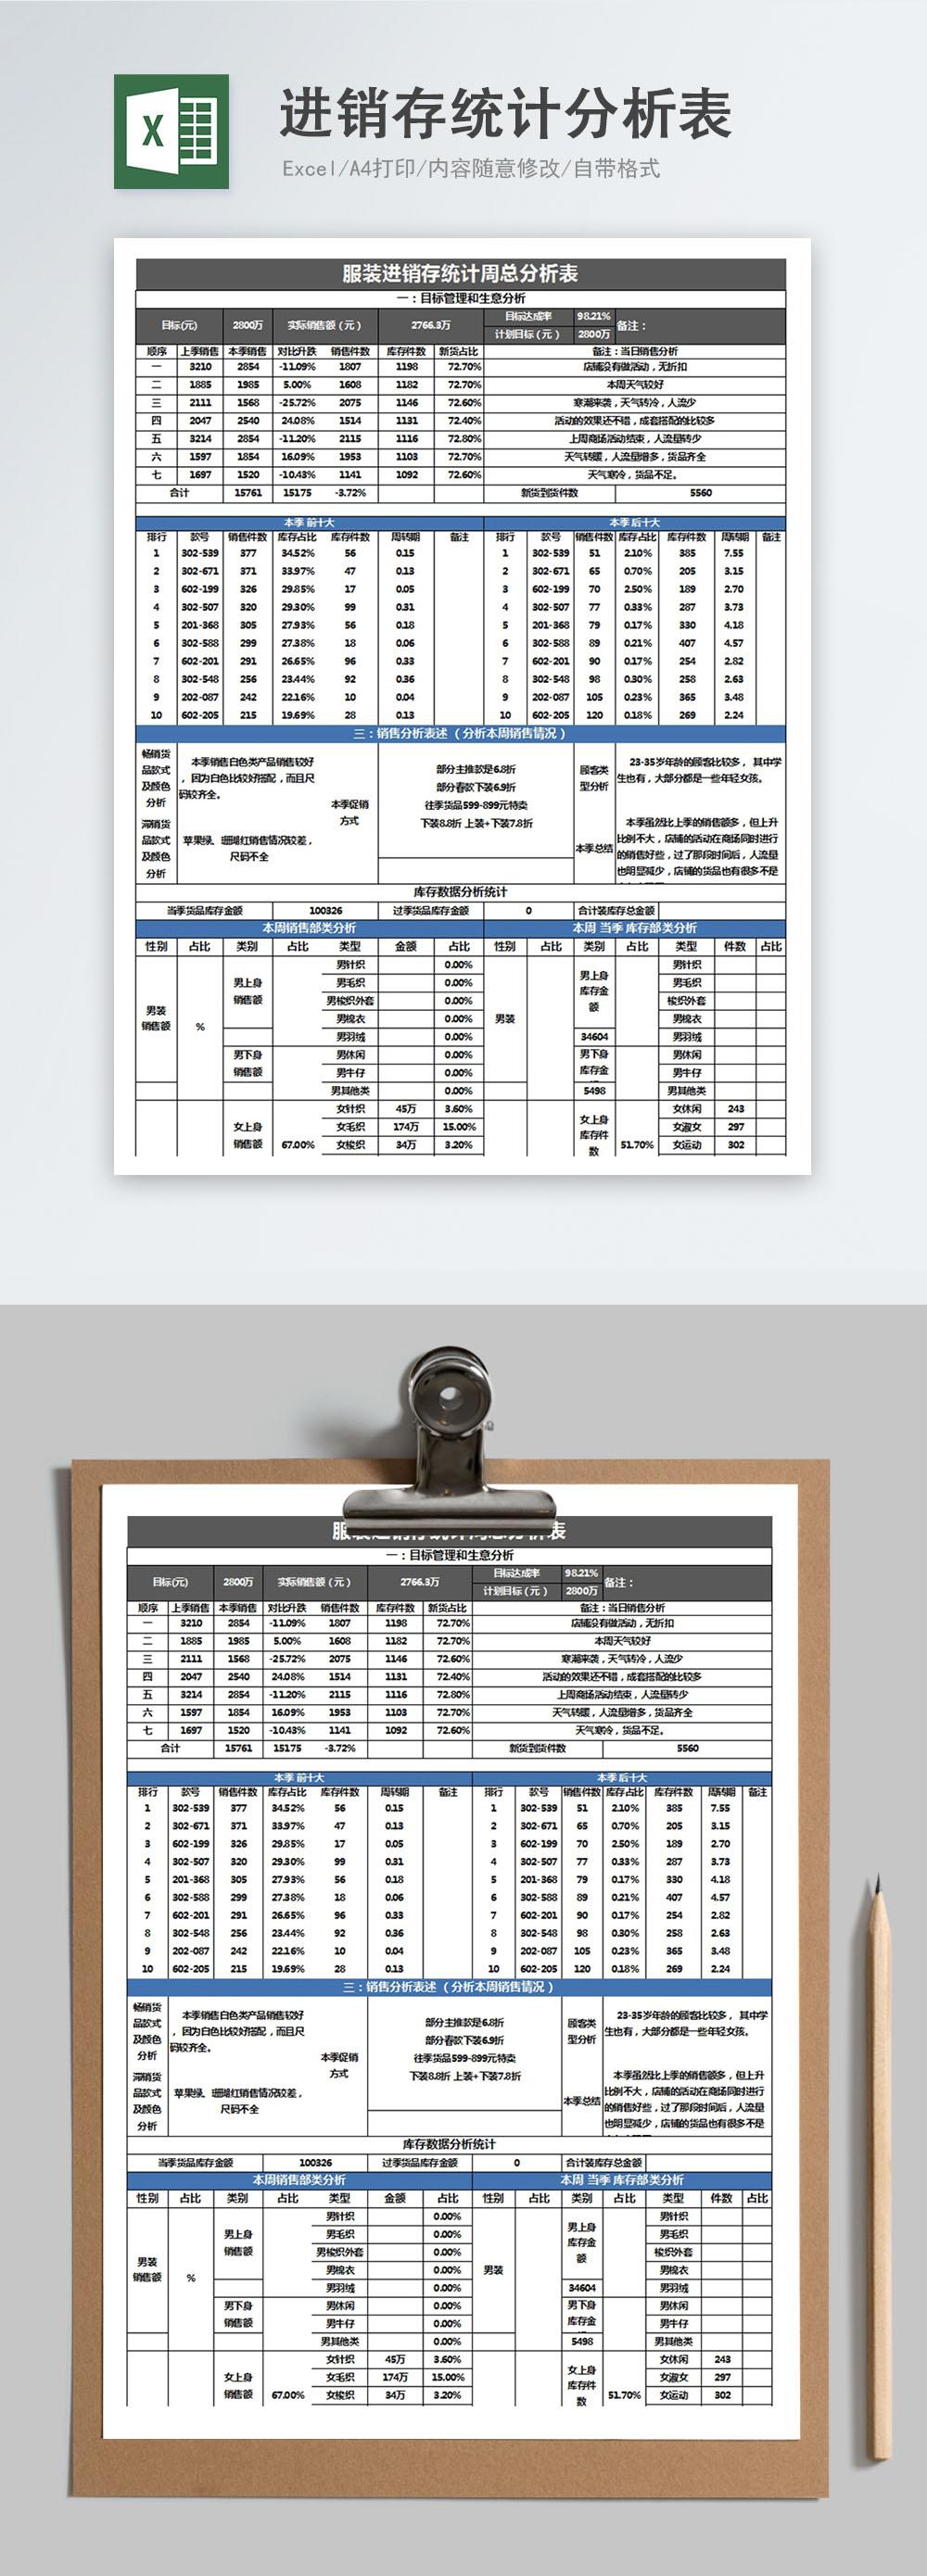 進銷存統計分析表excel模板 excel表格 | XLS 模板編號400159117 | zh.lovepik.com 表格下載